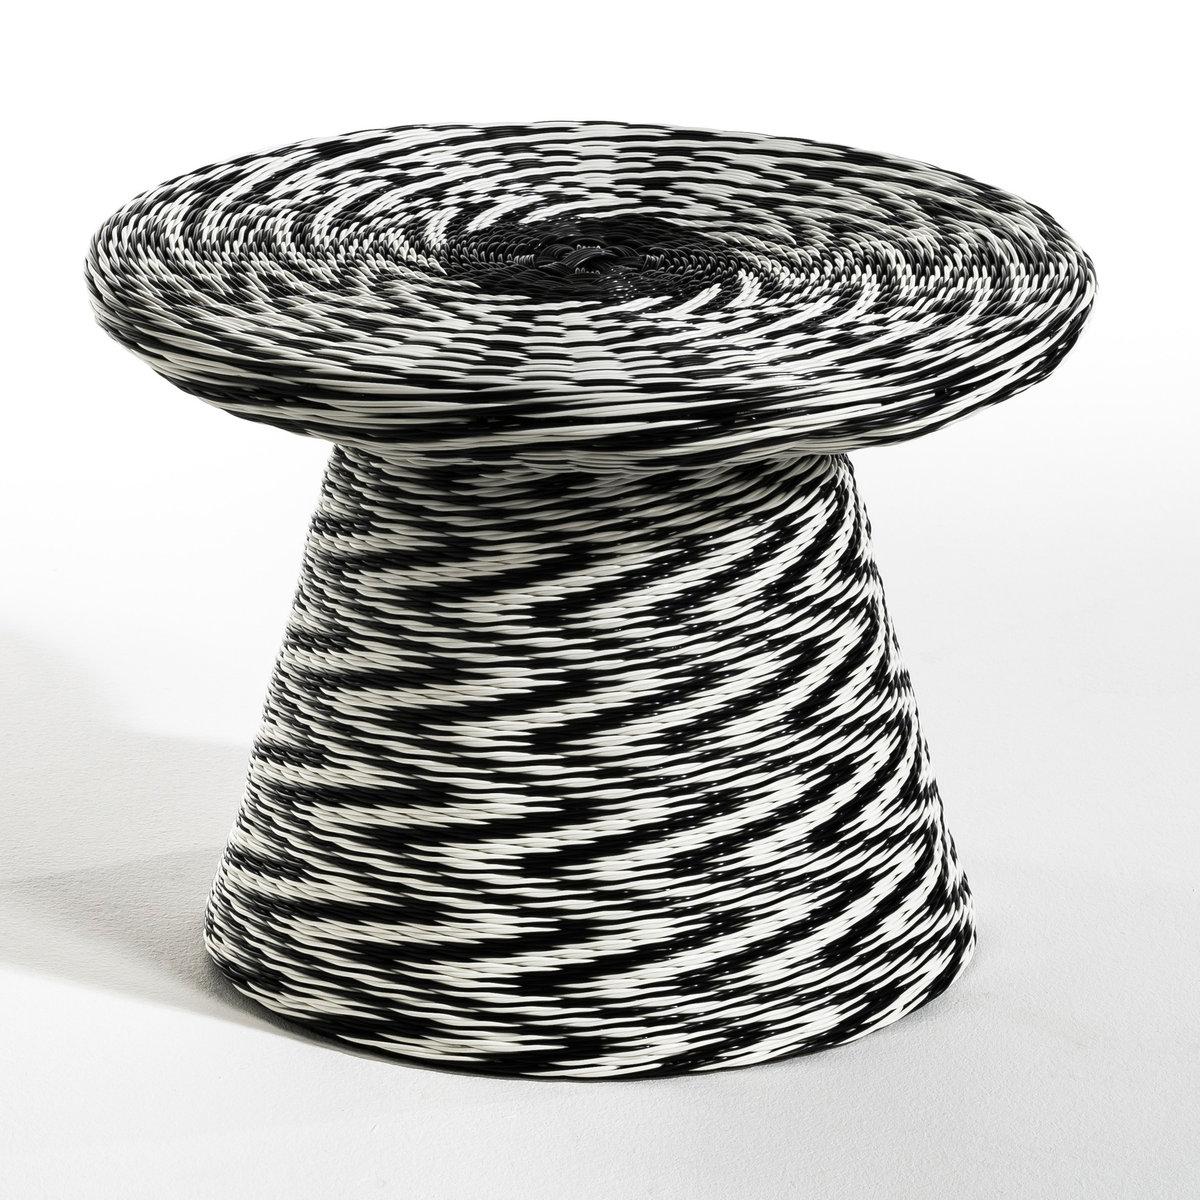 Столик MattЖурнальный столик Matt. Плетение из пластика в стиле скубиду, идеален для улицы  . Его можно использовать и внутри помещения как вспомогательный или прикроватный столик . Описание : - Плетение из пластика по металлическому каркасу . Размеры : - ?60 x 44 см<br><br>Цвет: черный/ белый